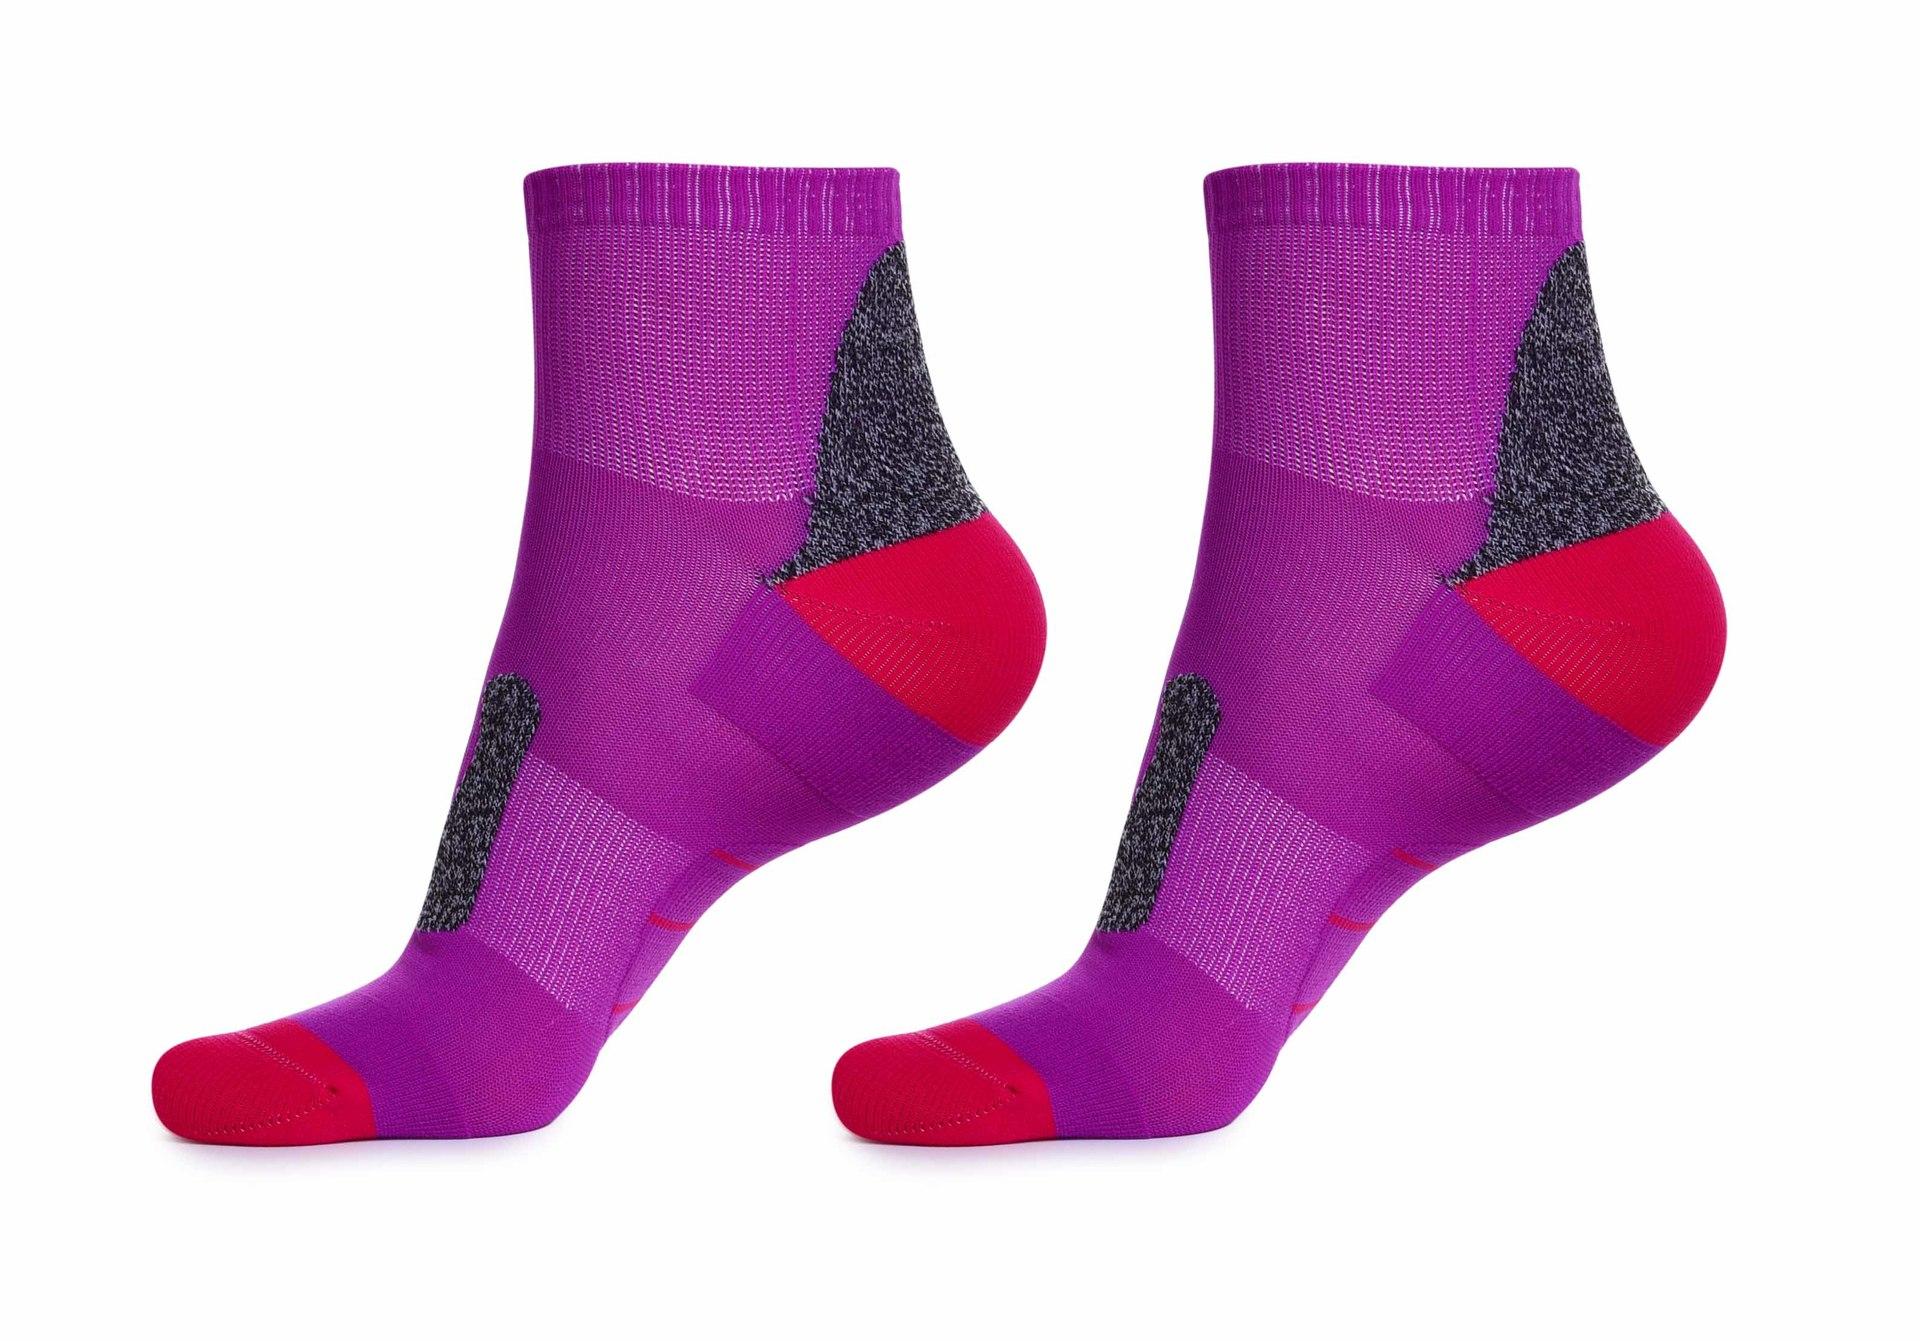 Sportovní funkční ponožky, pohodlné, fialovo-červeno-šedé